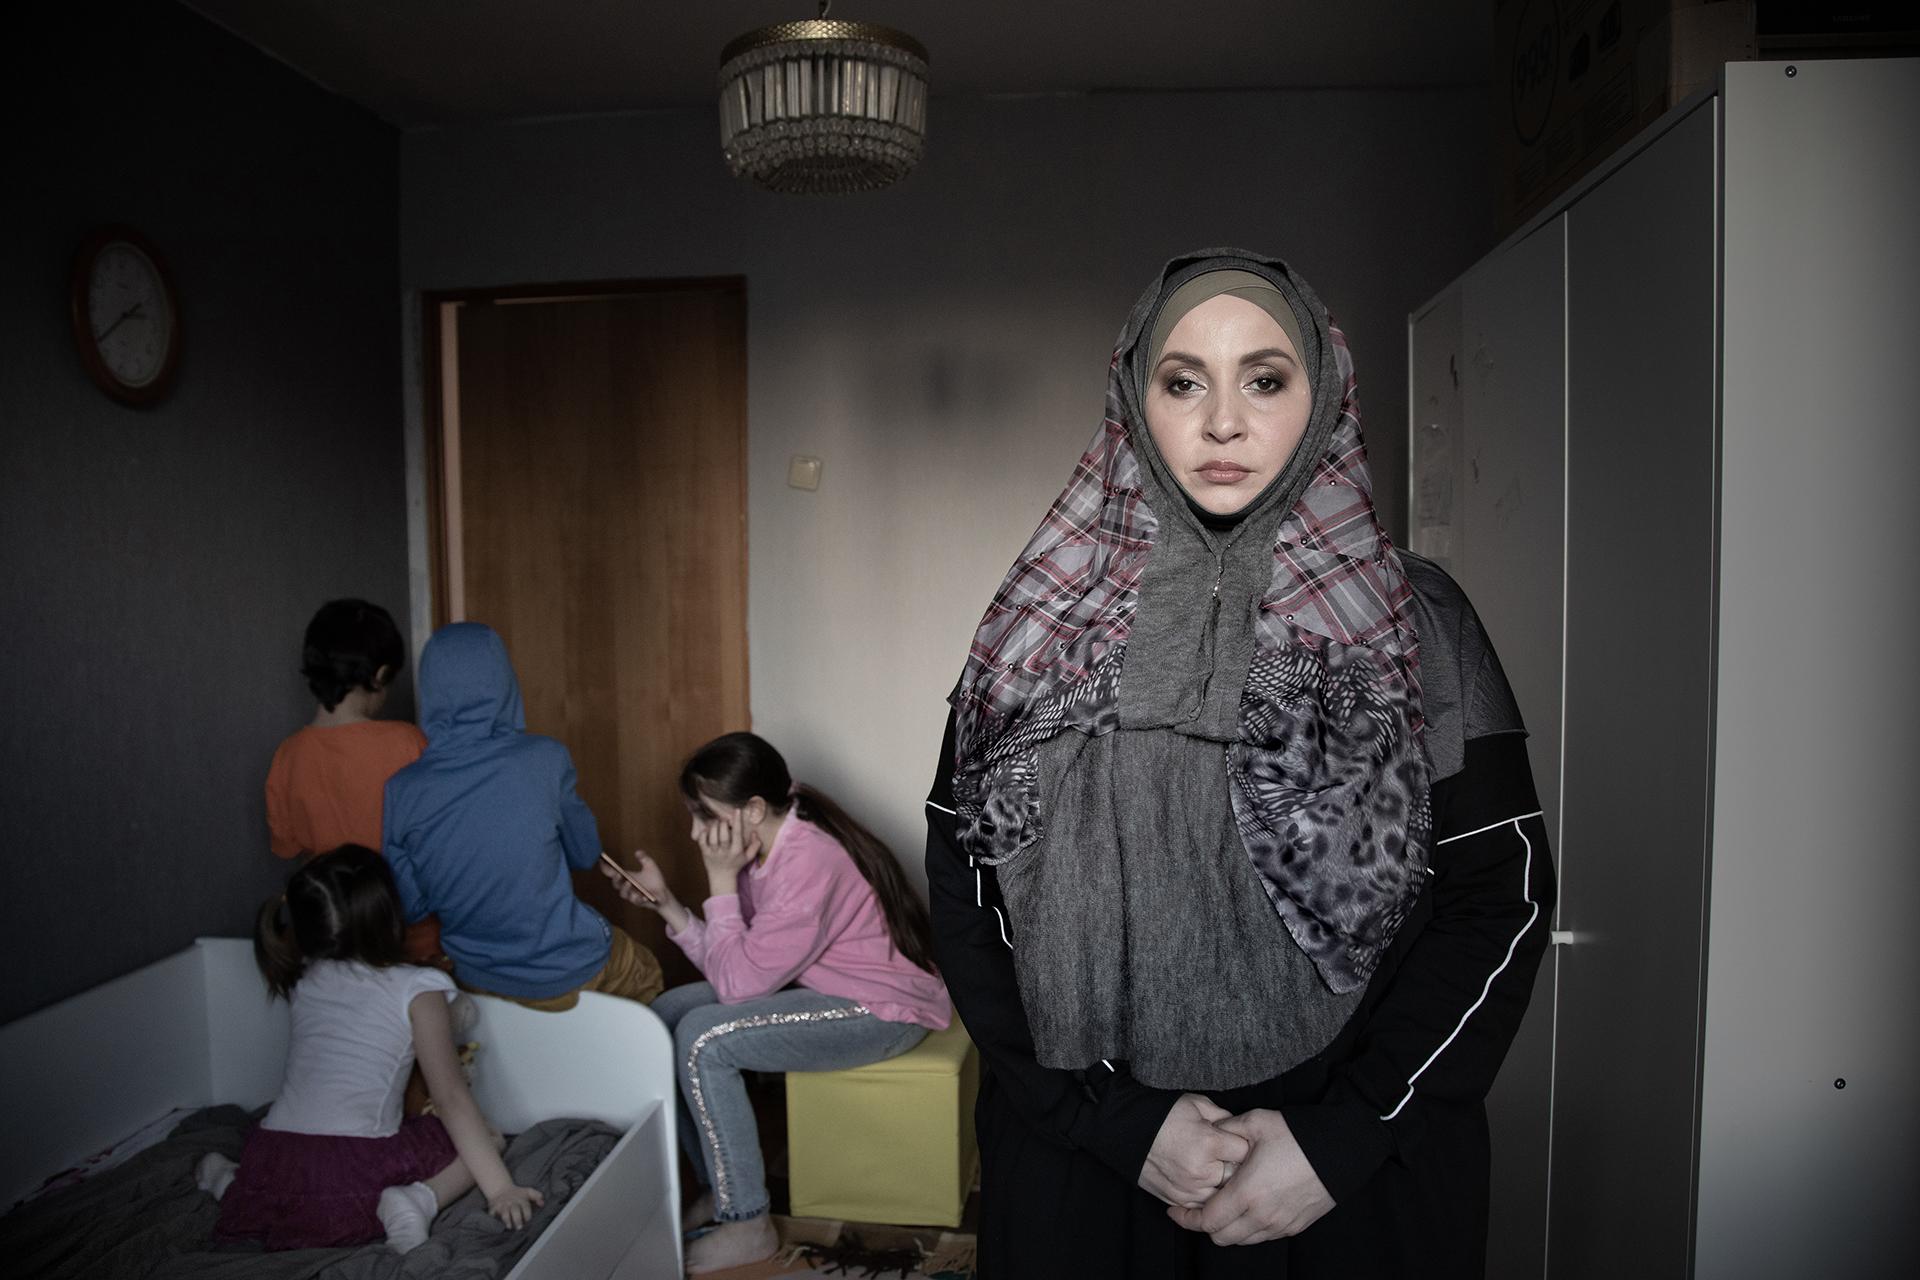 «Рамзан сказал: нет разводов. А я говорю: есть! Это, получается, вызов…». История Аси Гажаевой, которая сбежала из Чечни с четырьмя детьми